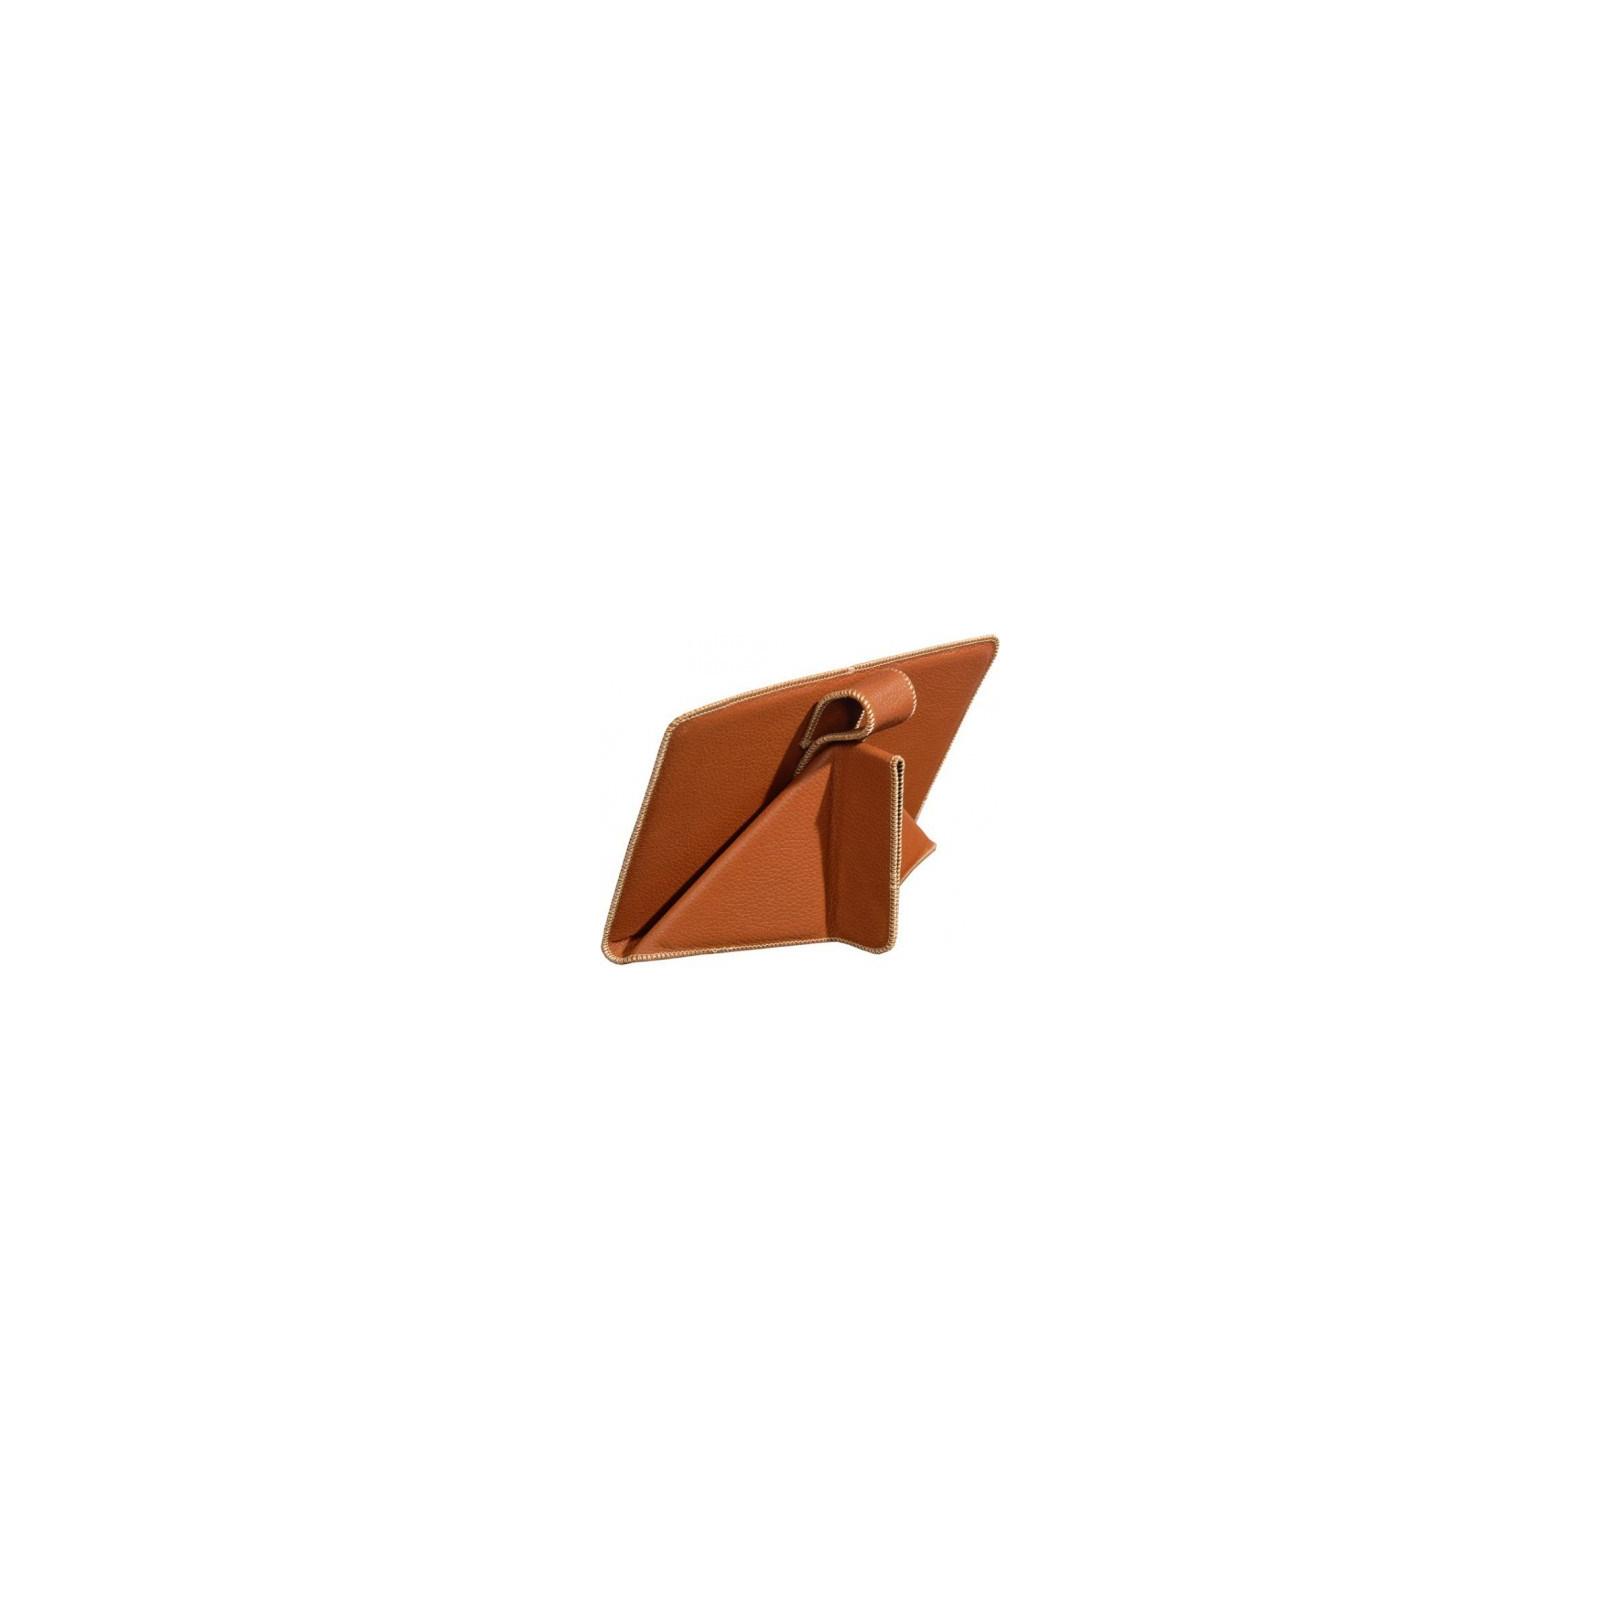 Чехол для электронной книги SB OrigamiCase Leather S Brown (SB146053) изображение 2